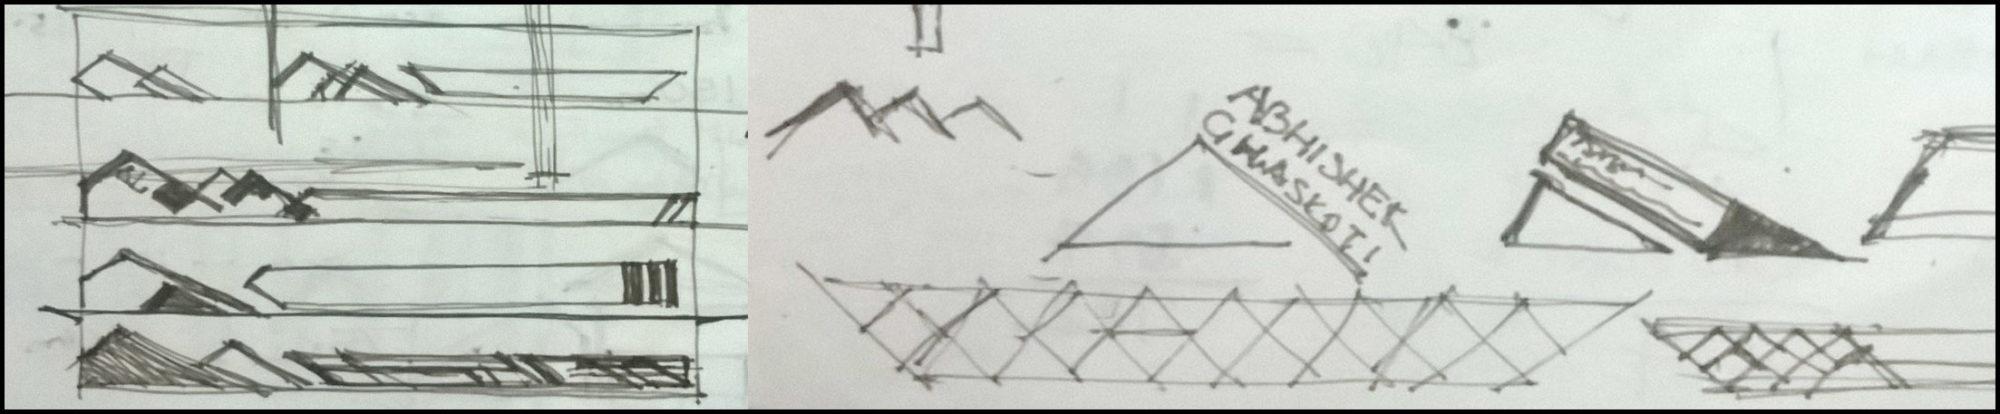 making format sketch